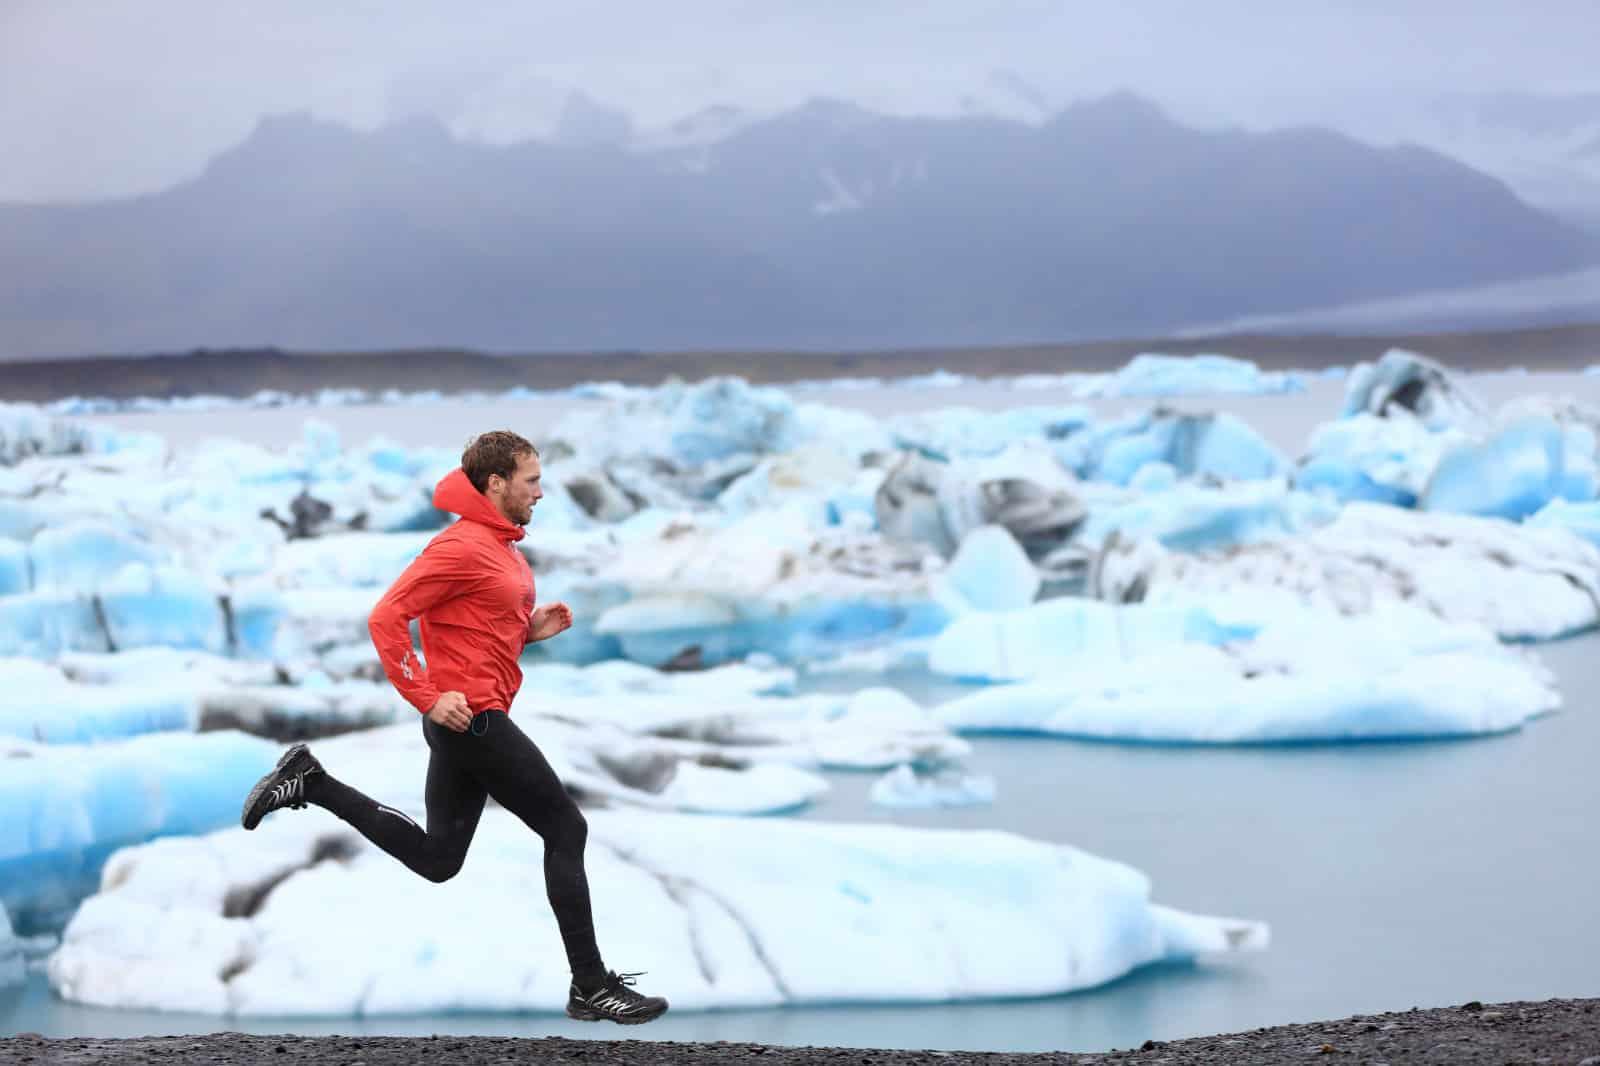 Ako správne behať - technika správneho behu v ôsmych krokoch